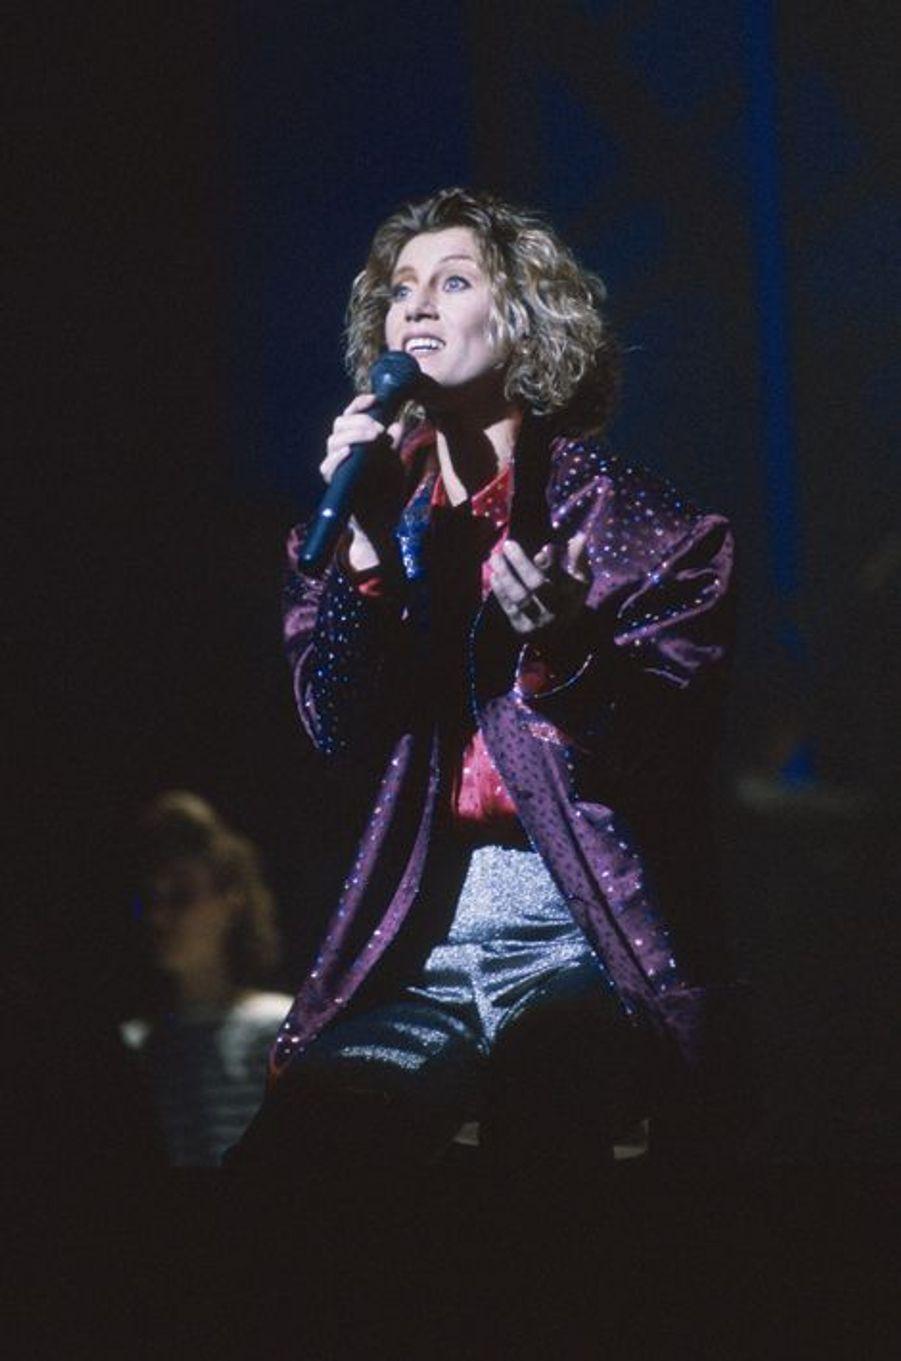 En concert au Zénith de Paris en 1985